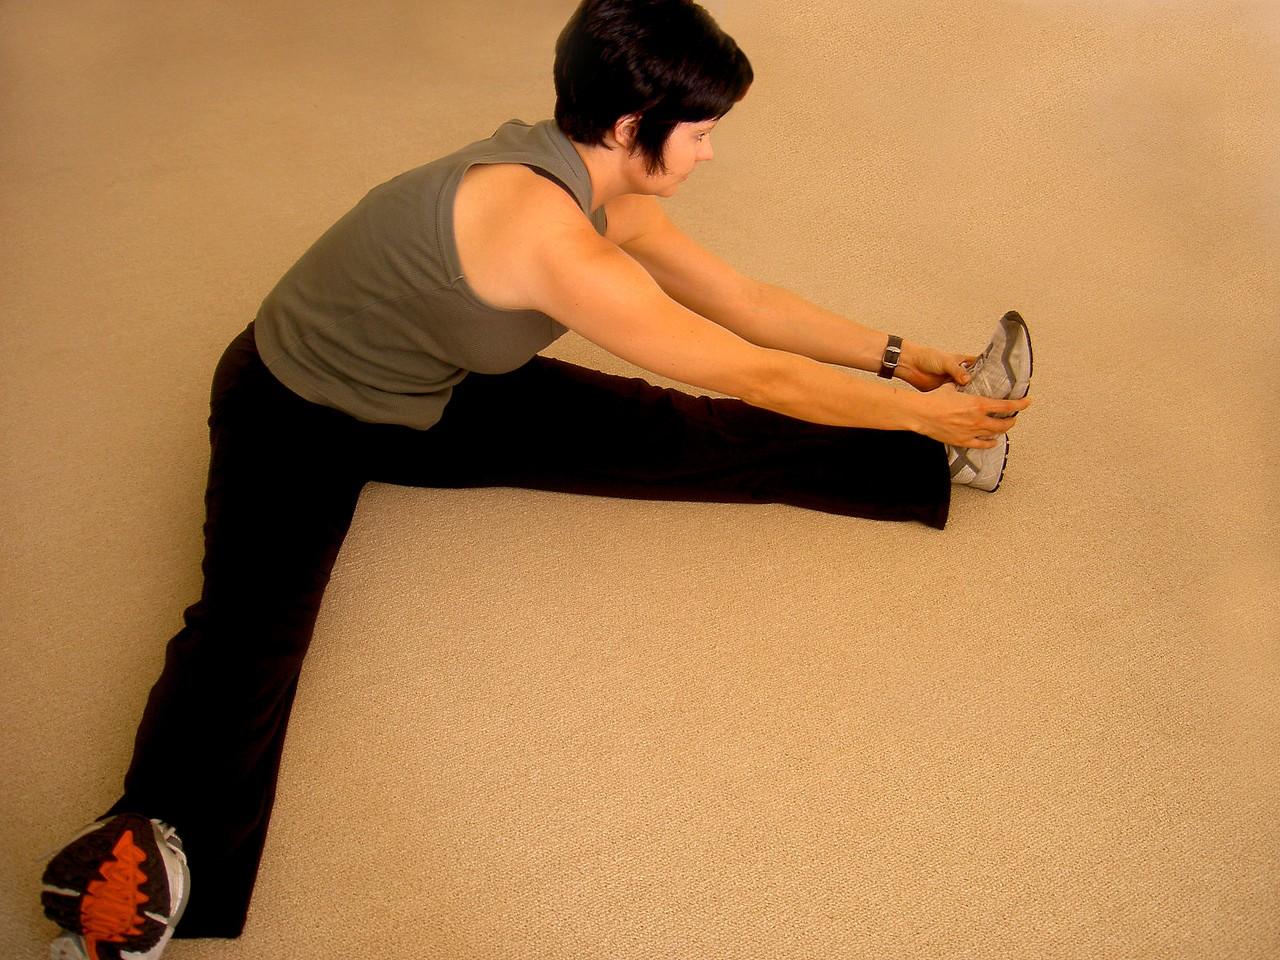 Jak wybrać akcesoria sportowe na siłownię